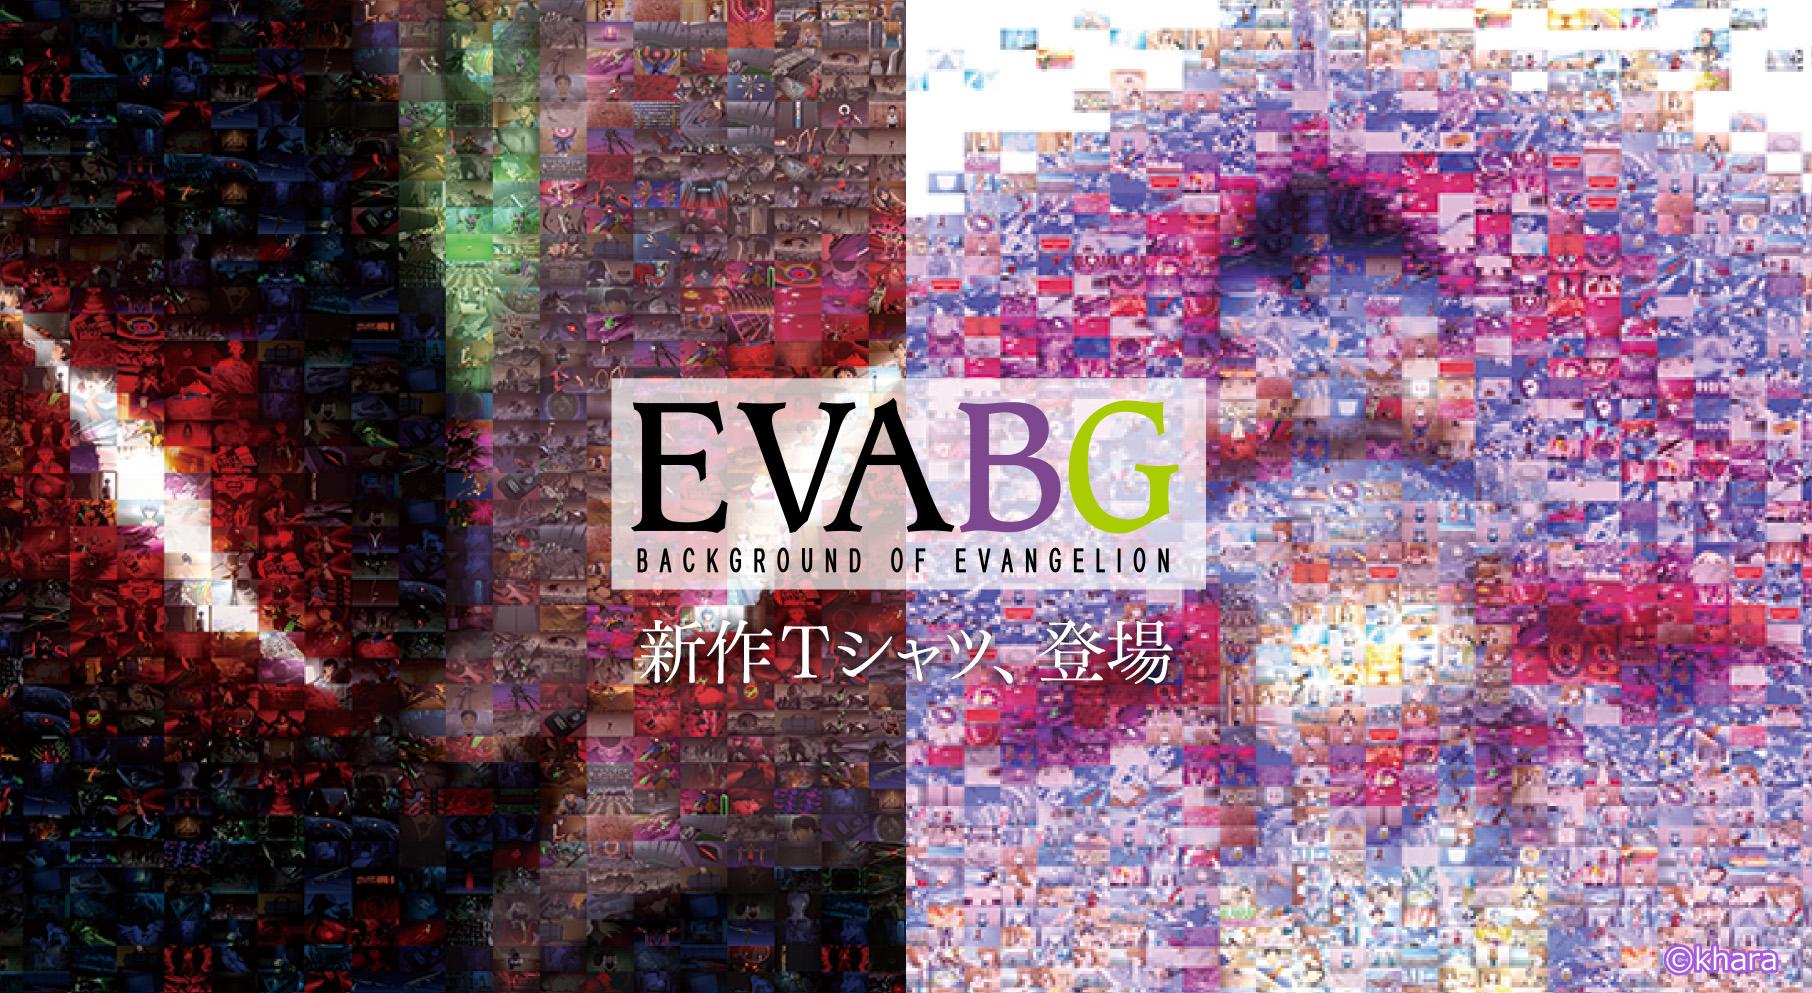 evabg_tsrt_mozaic_bnr_b.jpg